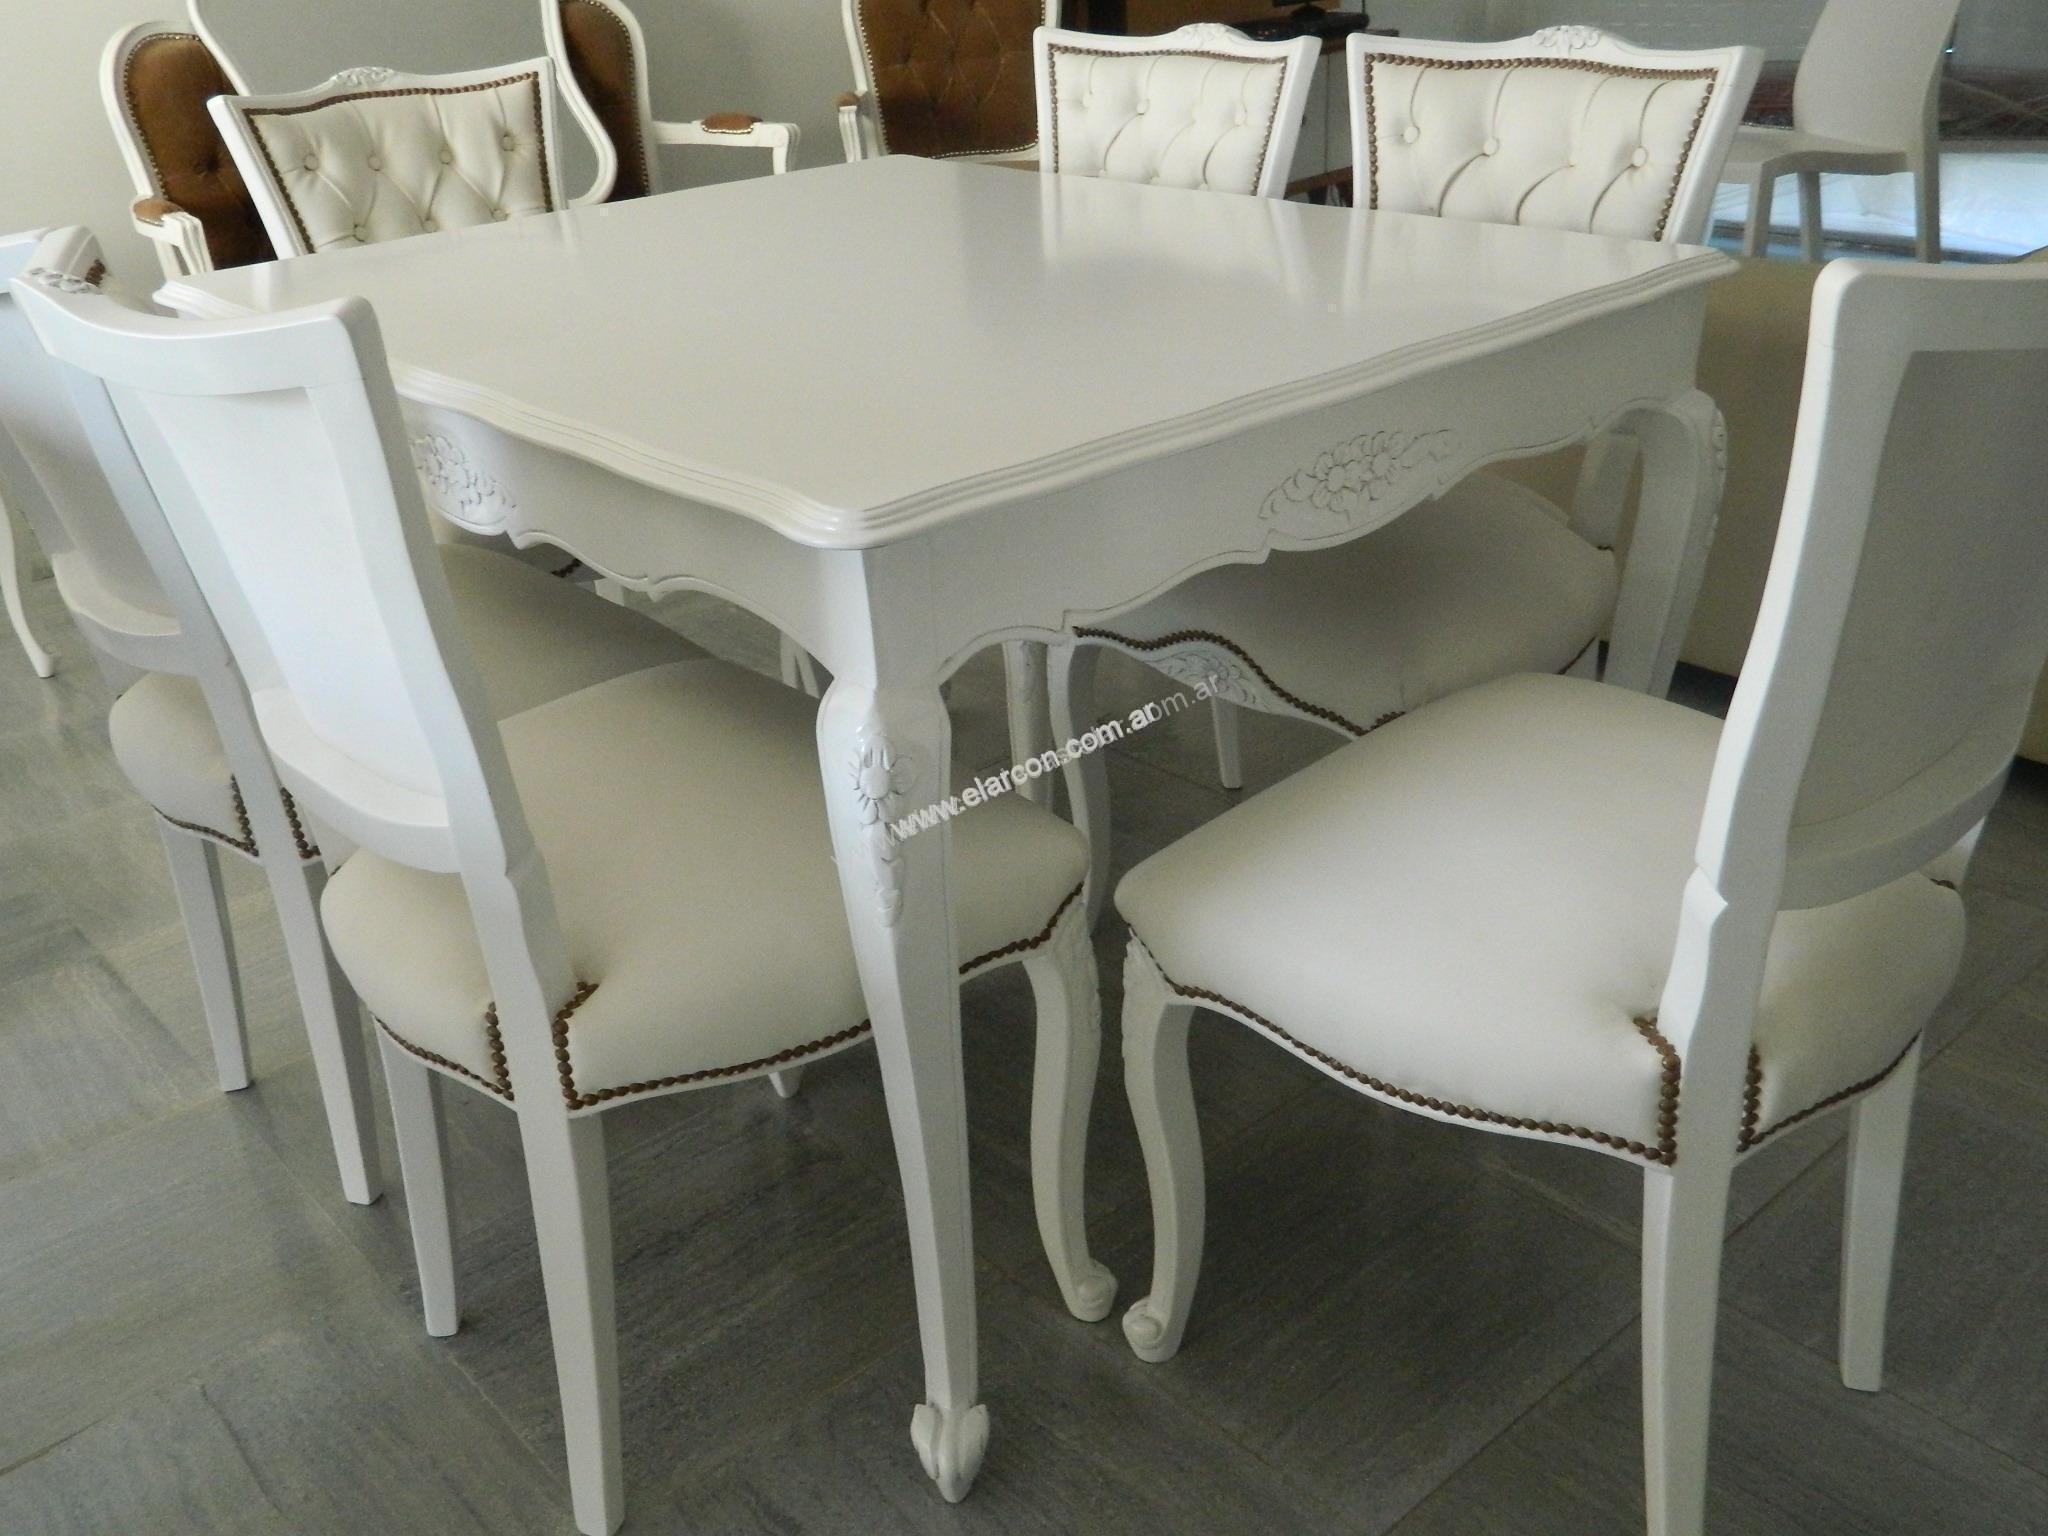 Juego de comedor provenzal blanco mesa 1 40mts el arc n for Mueble provenzal frances